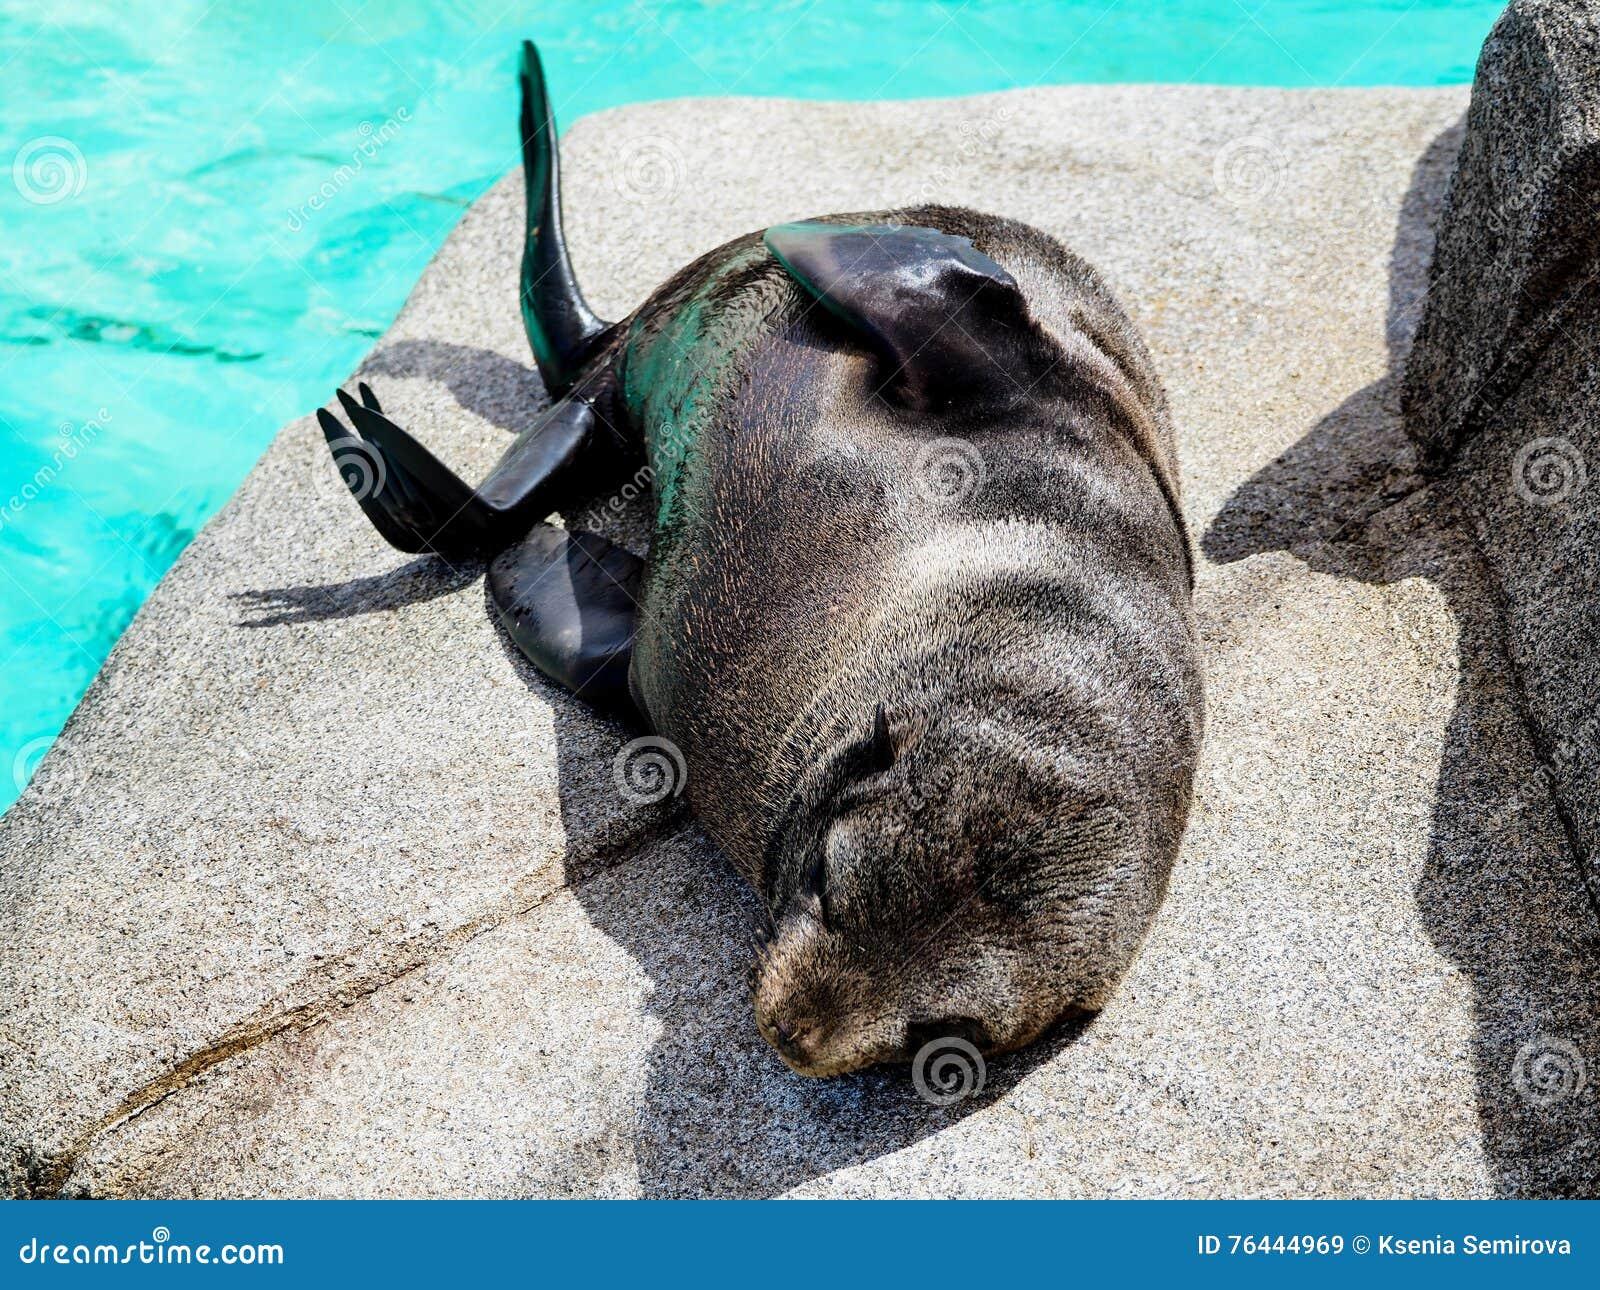 Closeup of a Baby sea lion